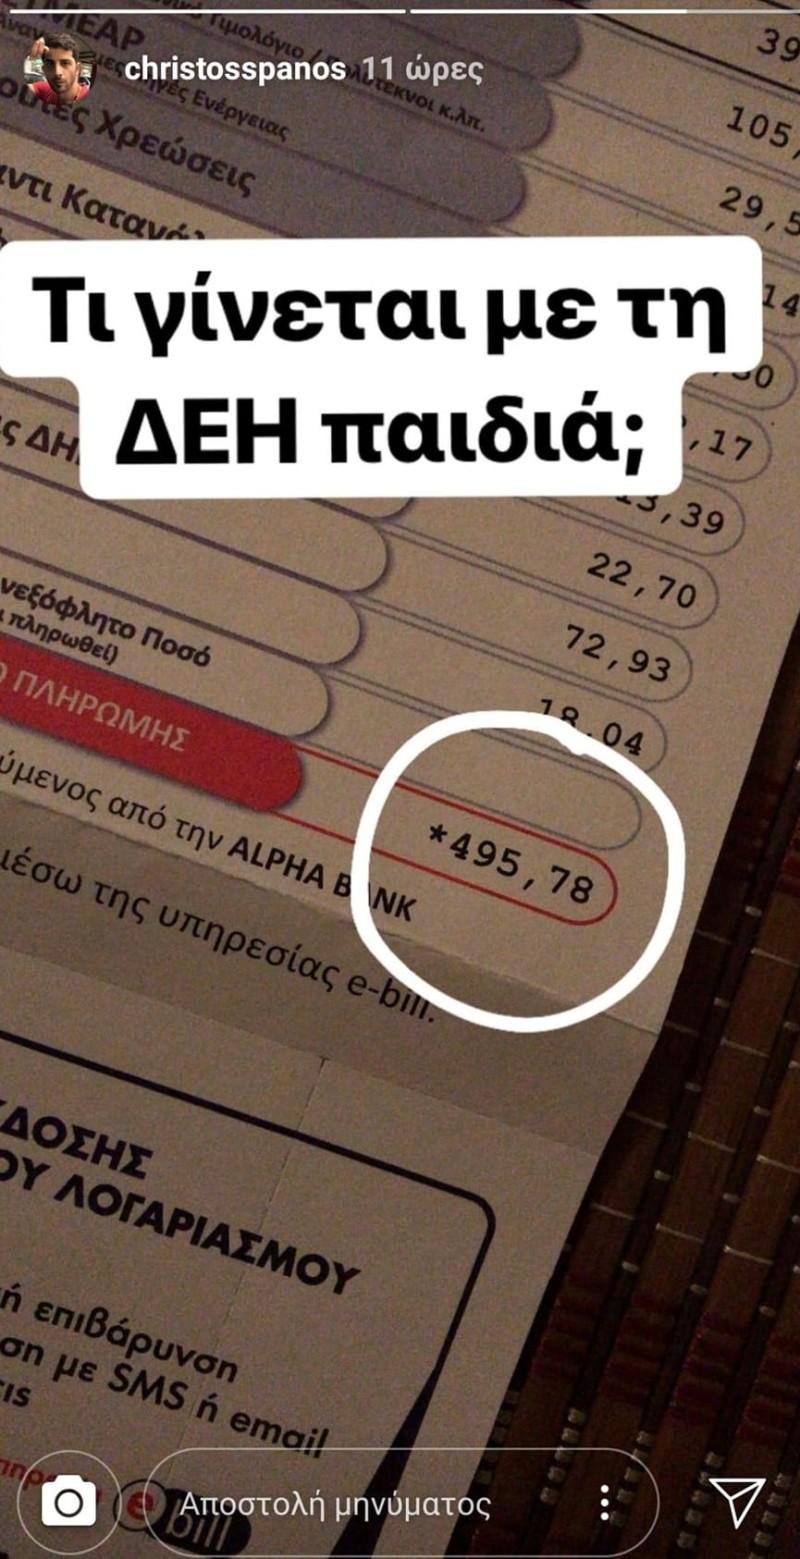 Πασίγνωστος Έλληνας ηθοποιός τα βάζει με την ΔΕΗ για τους φουσκωμένους λογαριασμούς!